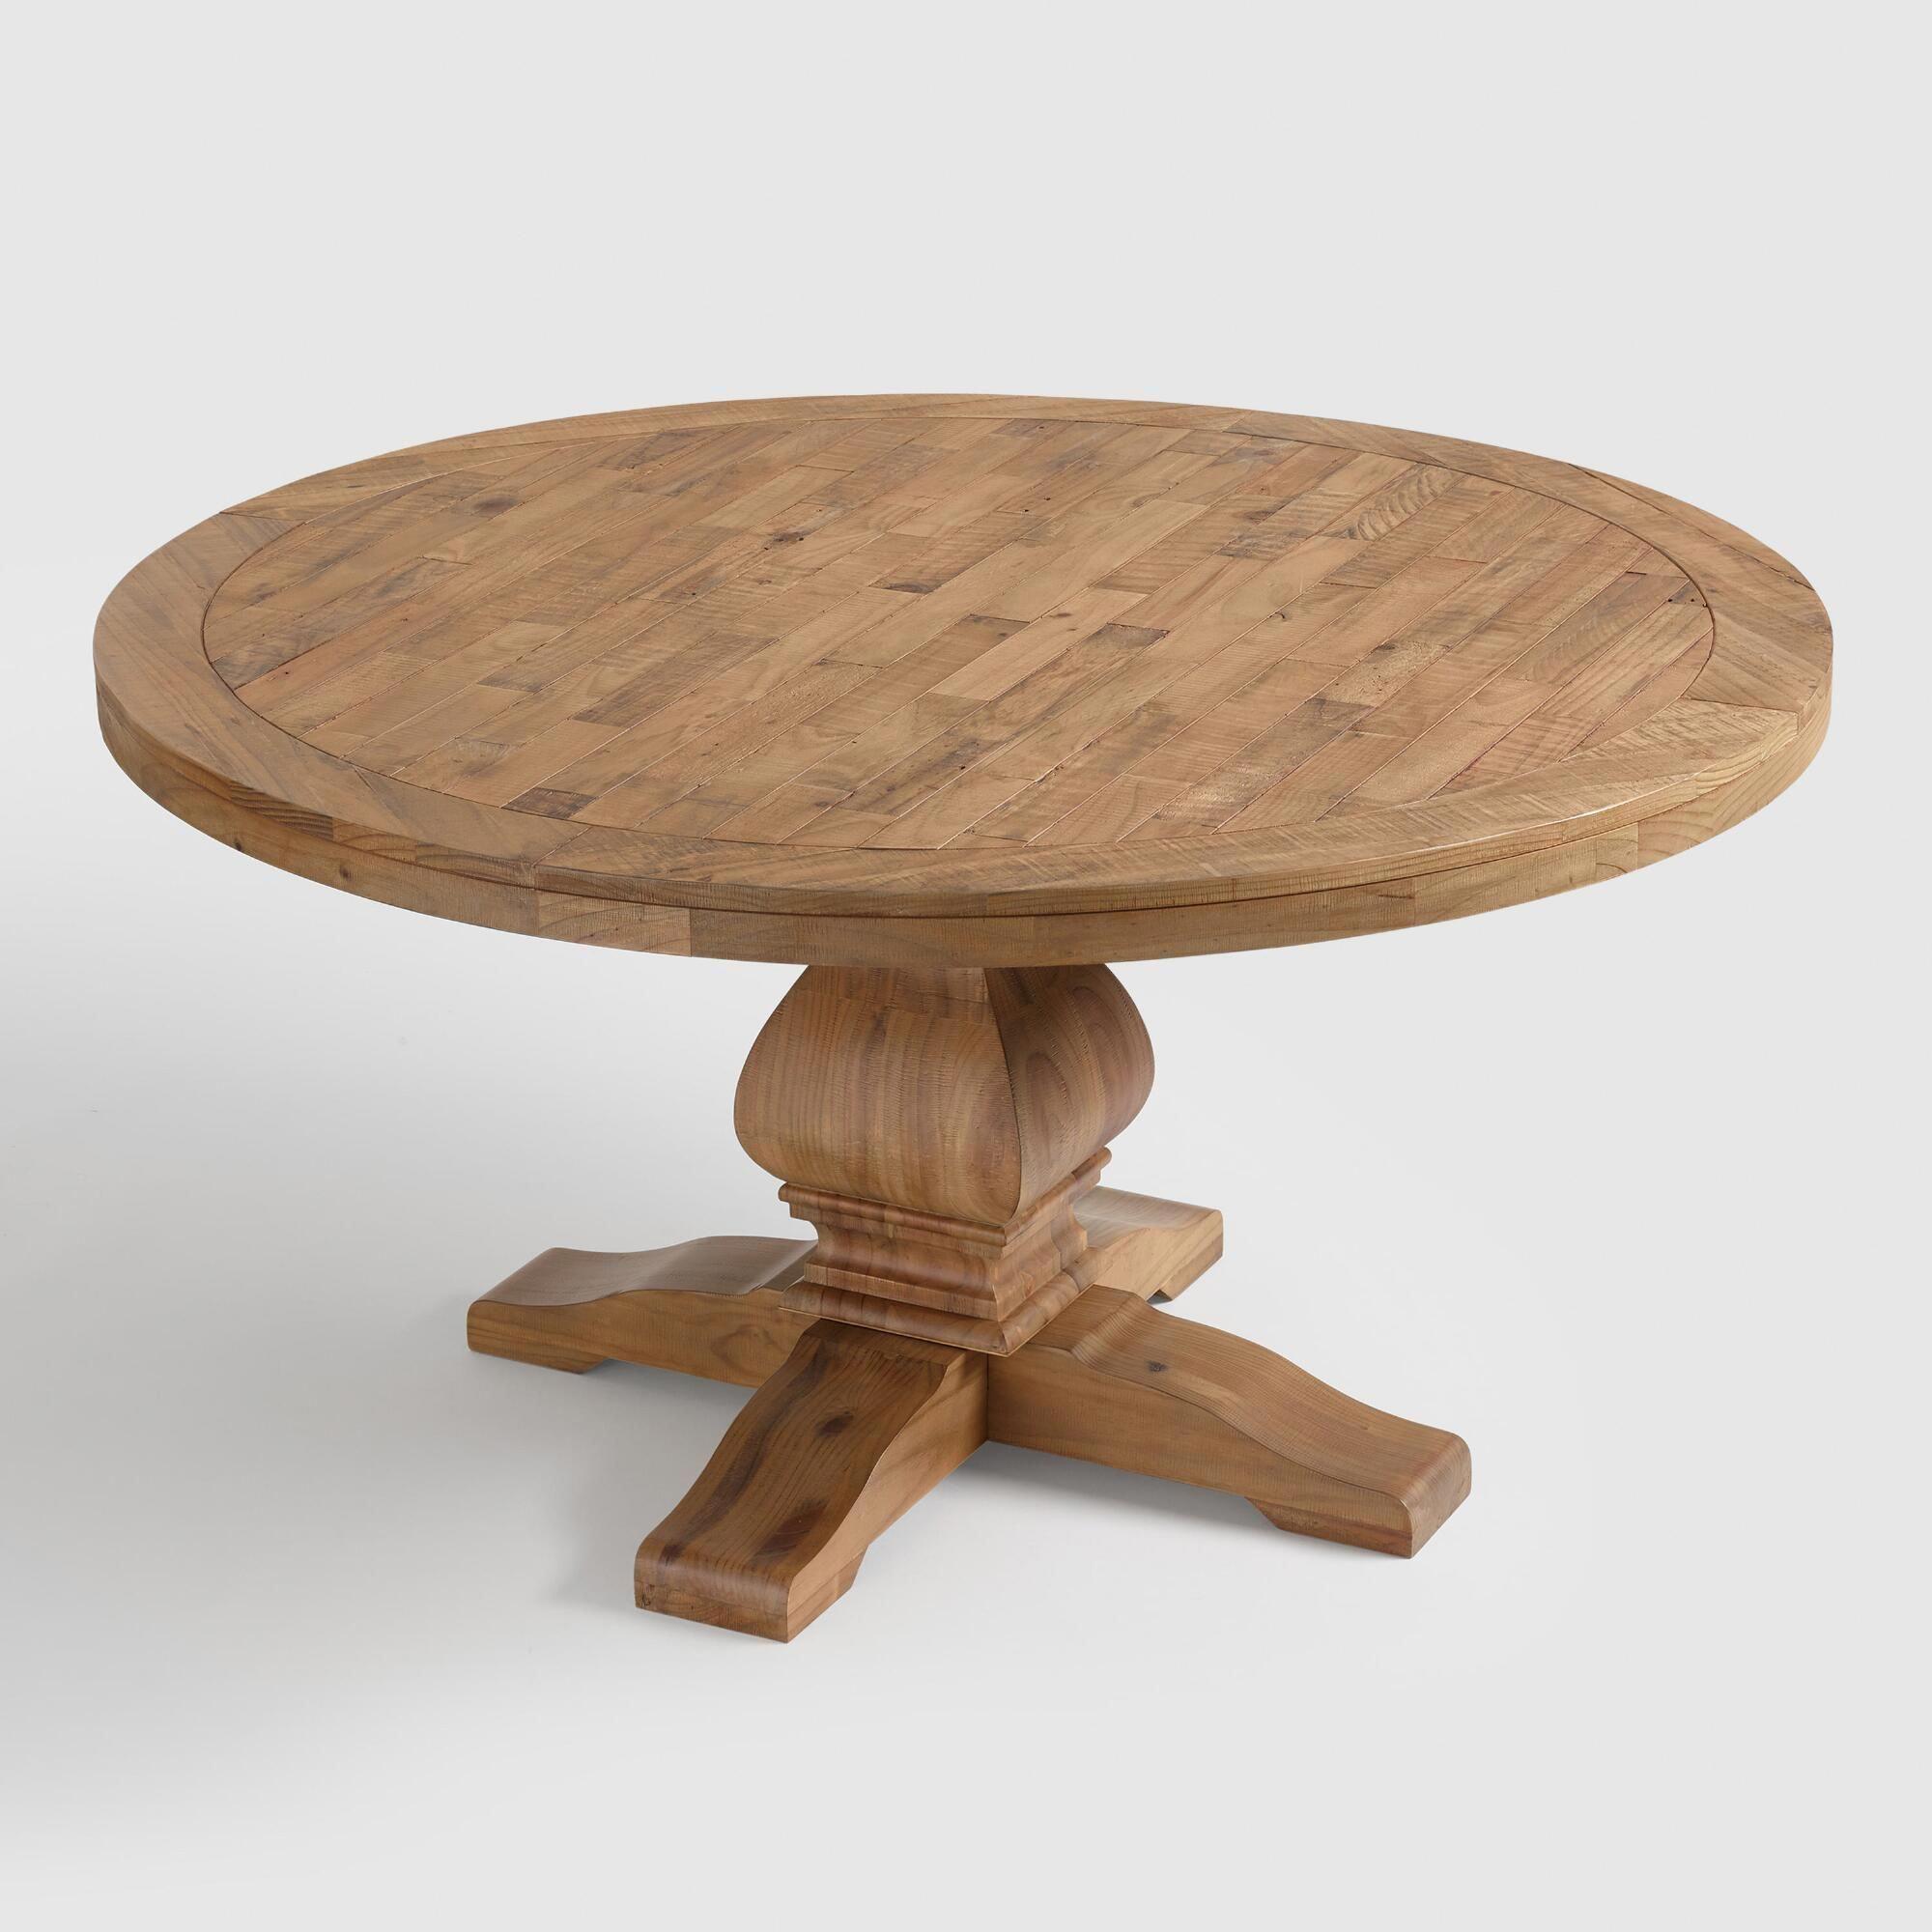 round gray pine wood lisette dining tableworld market